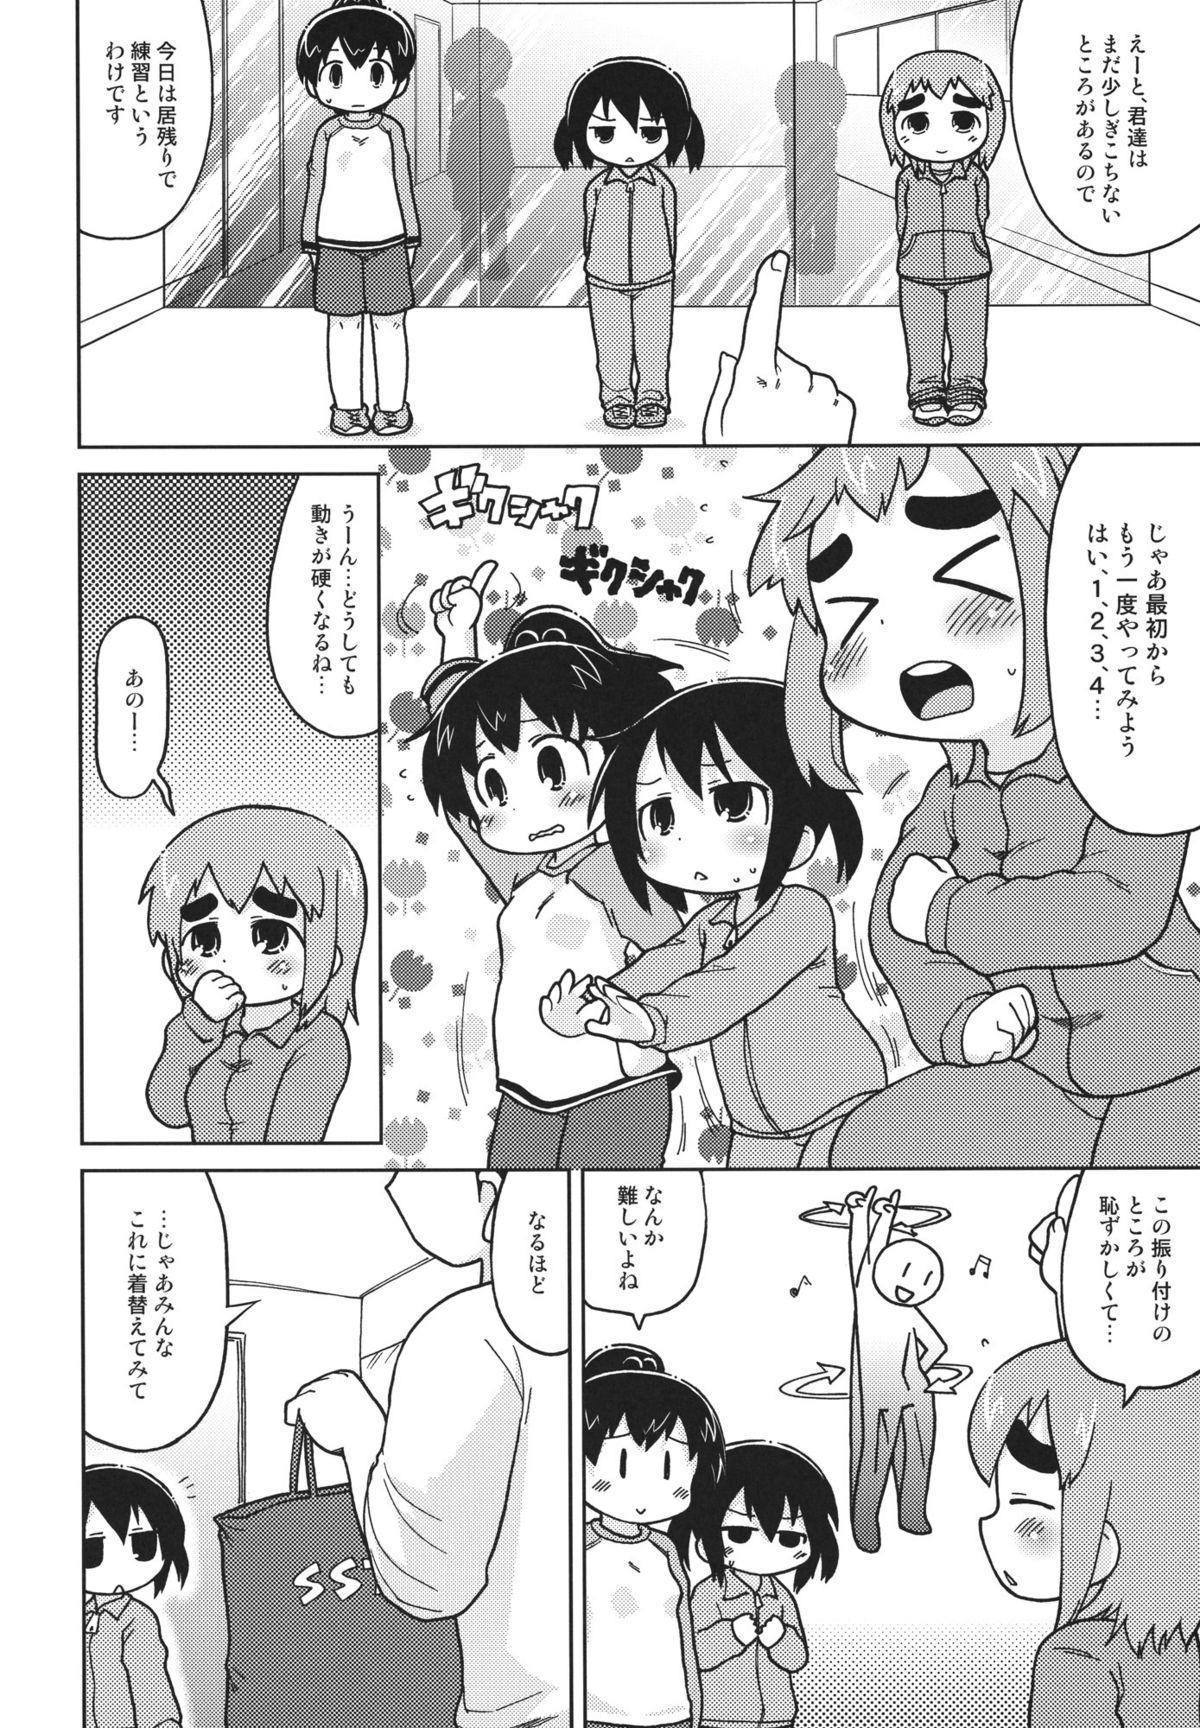 Sanjo-san san Nanabyoushi 16